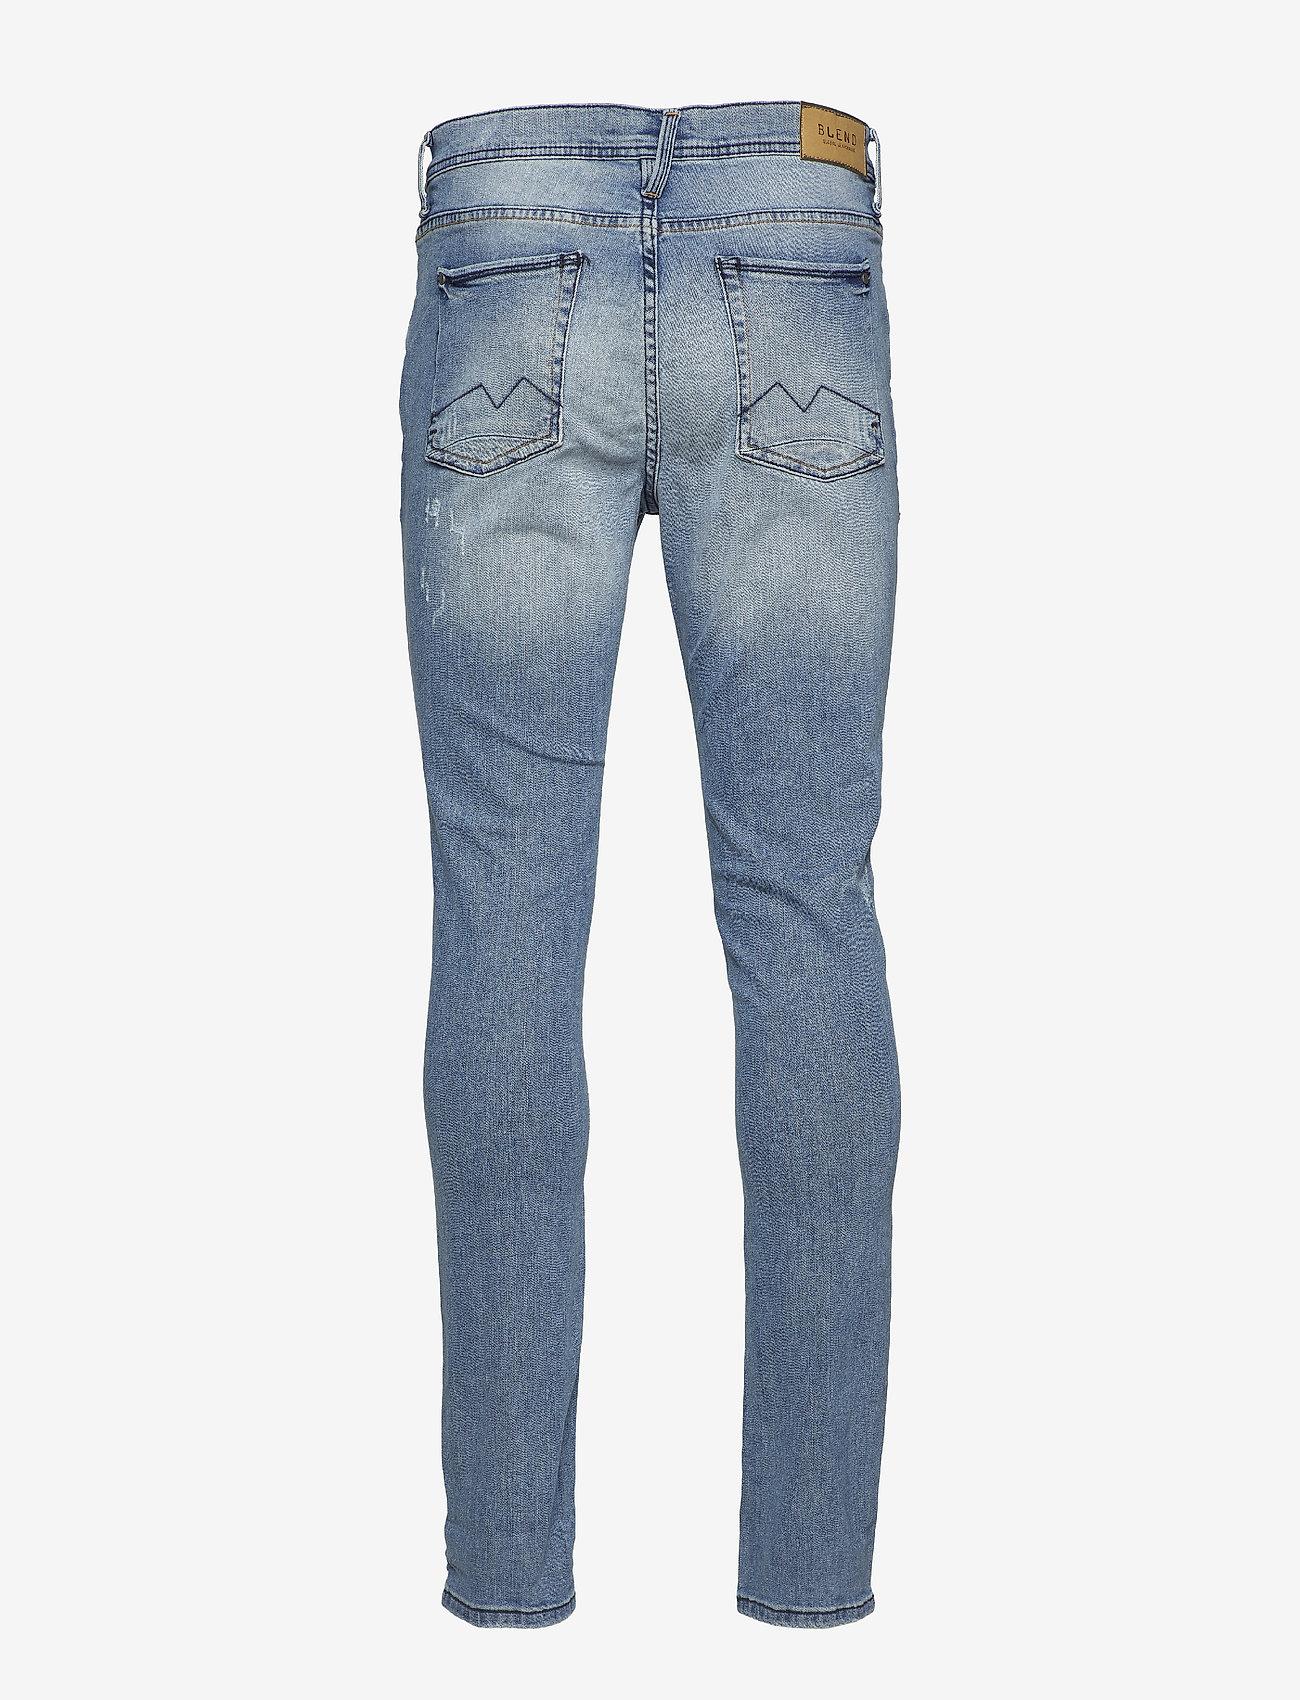 Blend - Jet fit w. destroy - NOOS Jeans - skinny jeans - denim lightblue - 1